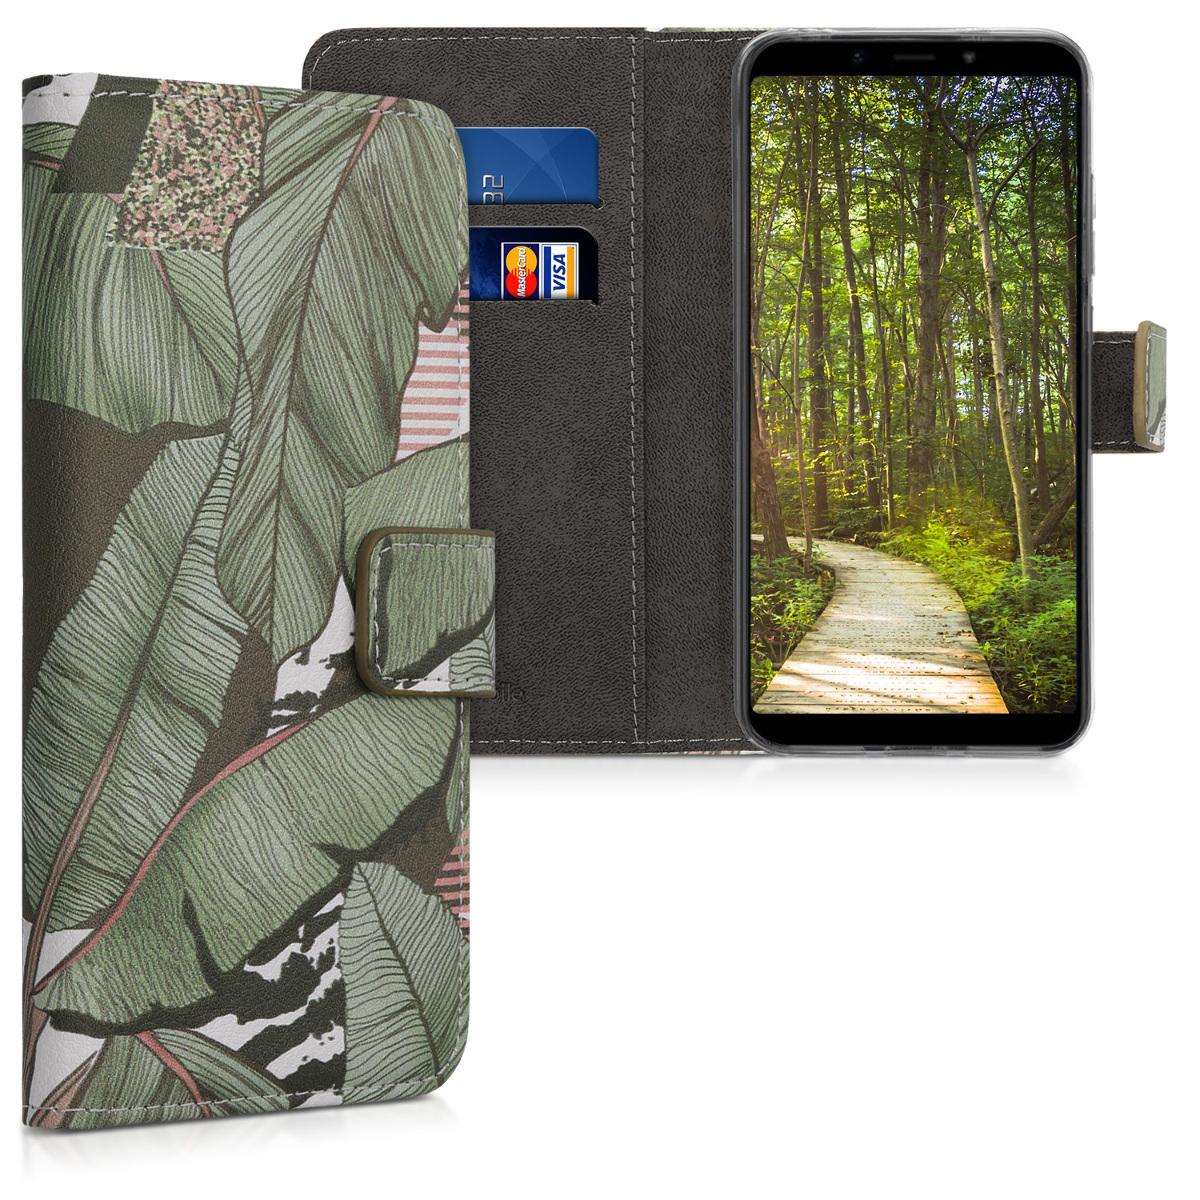 Kožené pouzdro | obal pro Xiaomi Redmi 6 Pro | Mi A2 Lite - džungle Leaves zelený / hnědý / bílý